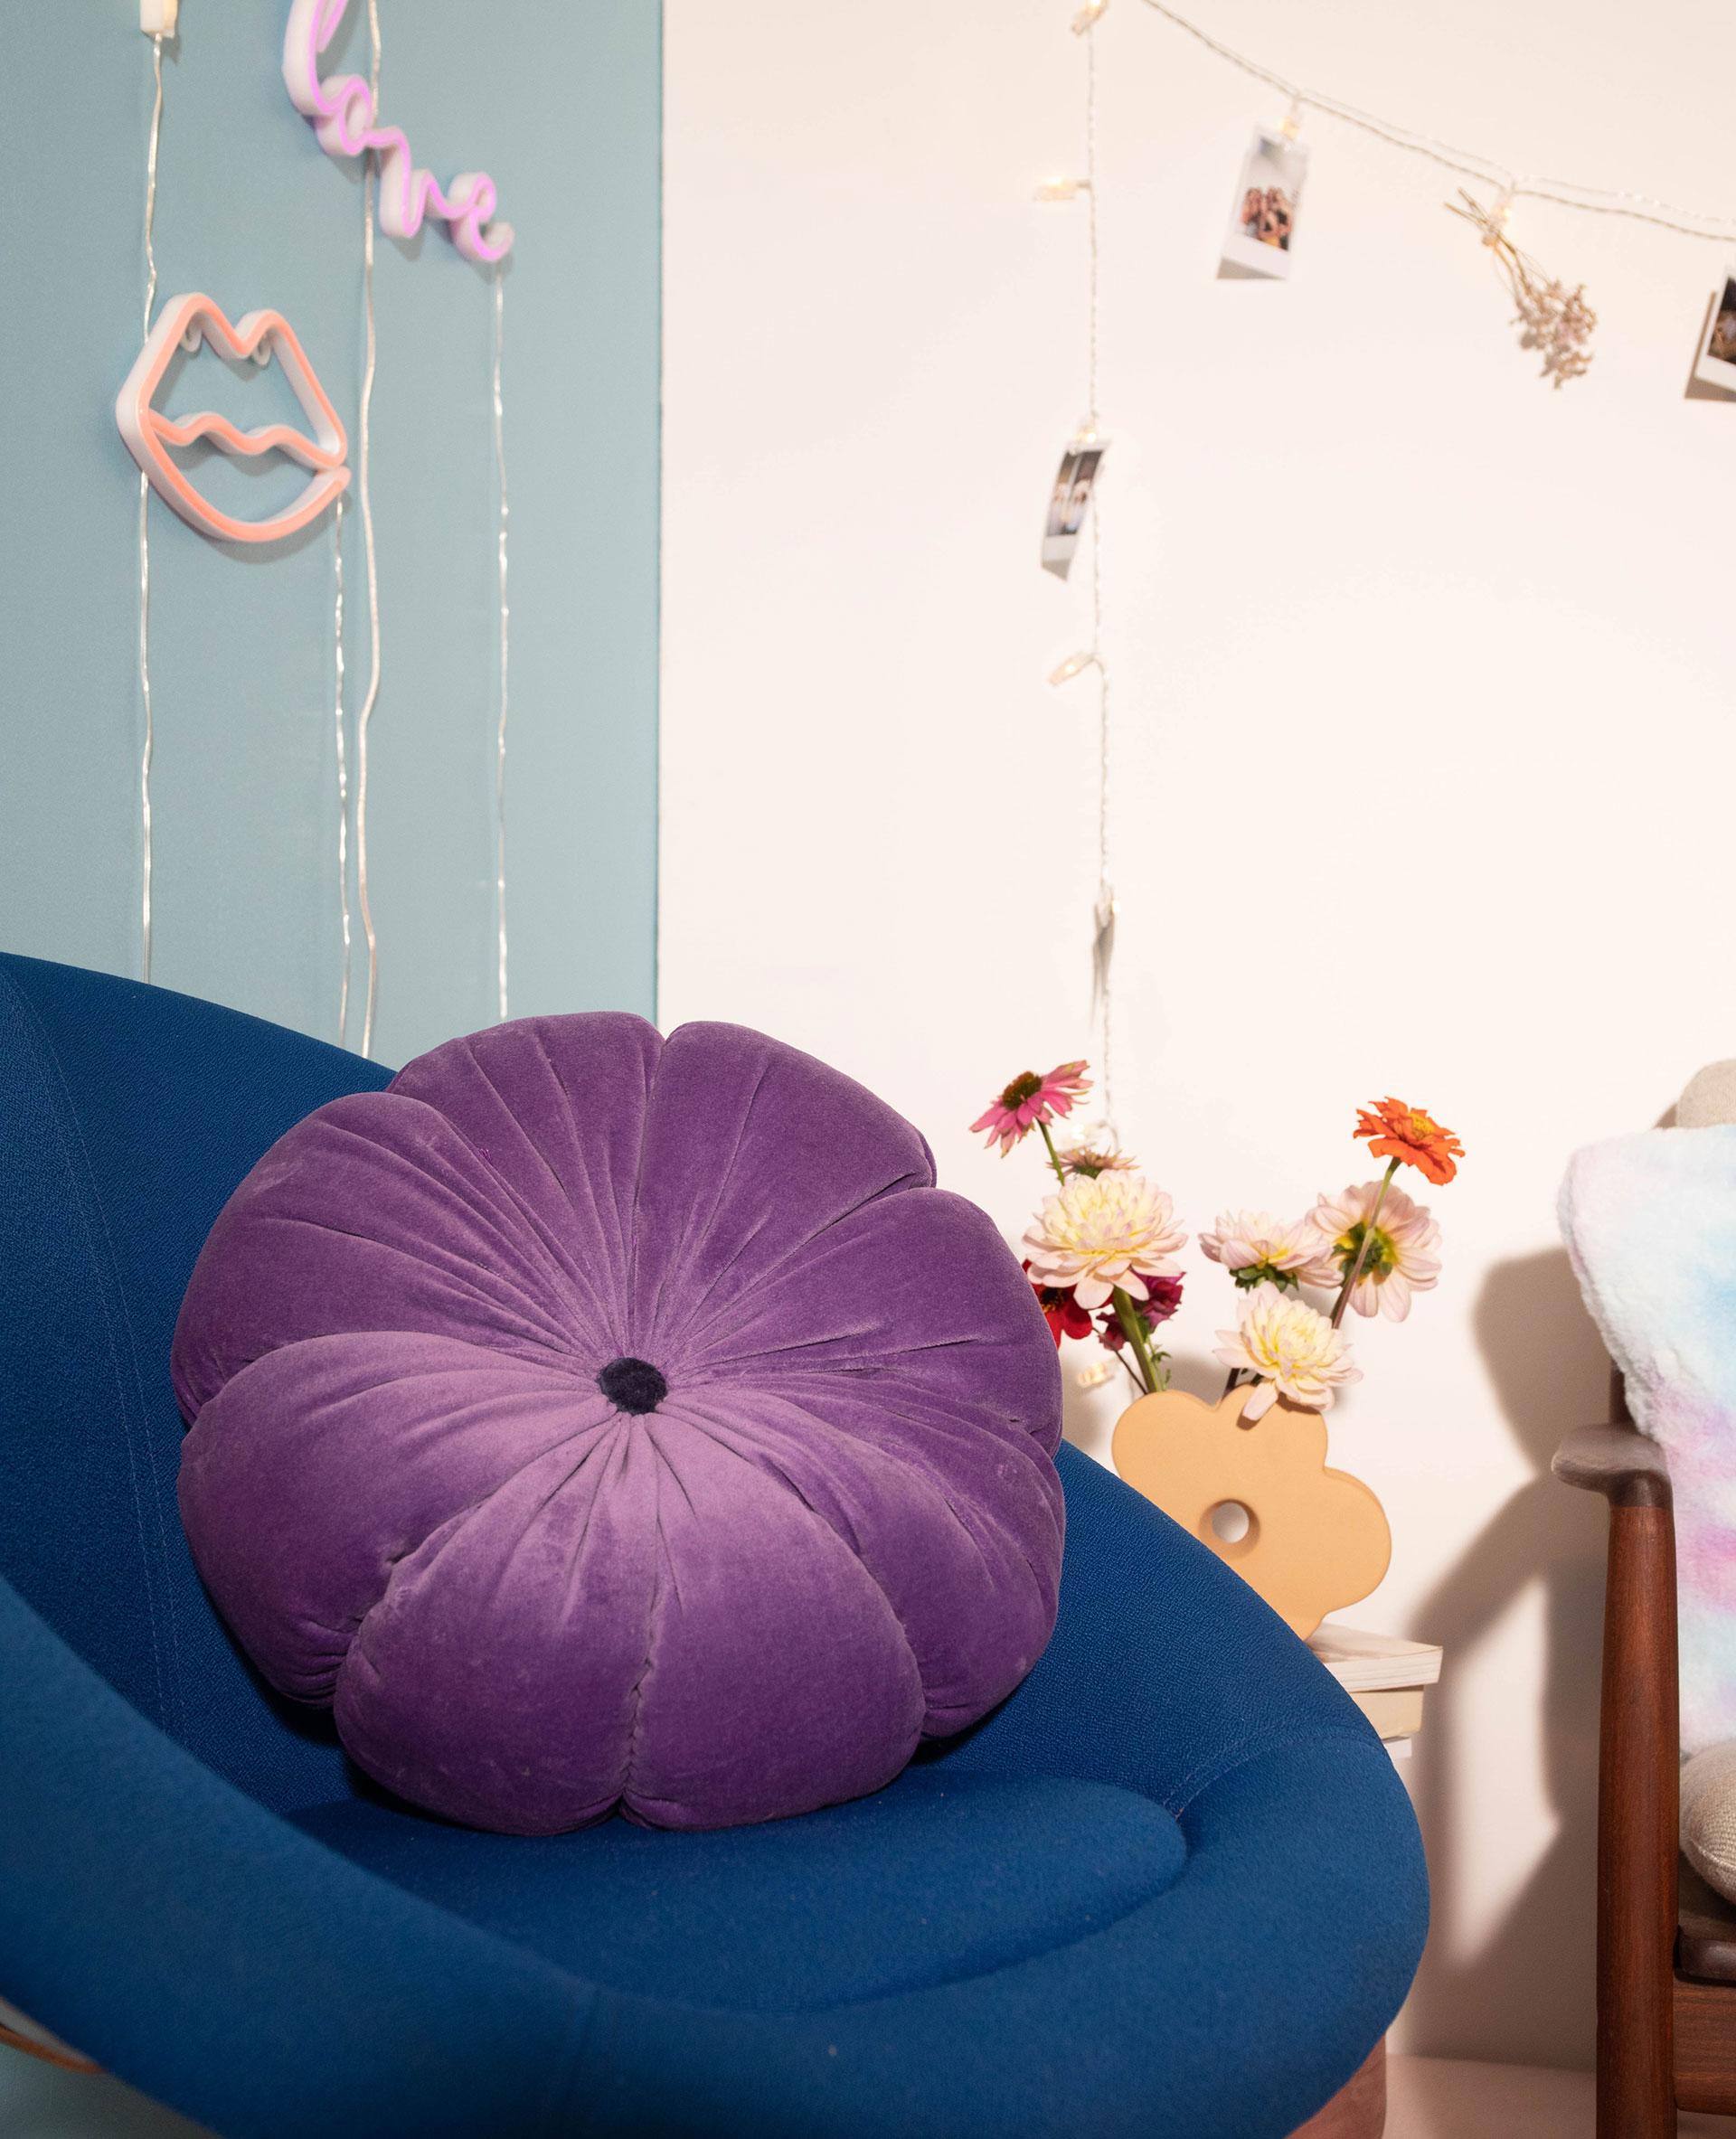 Coussin fleur violet - Pimkie